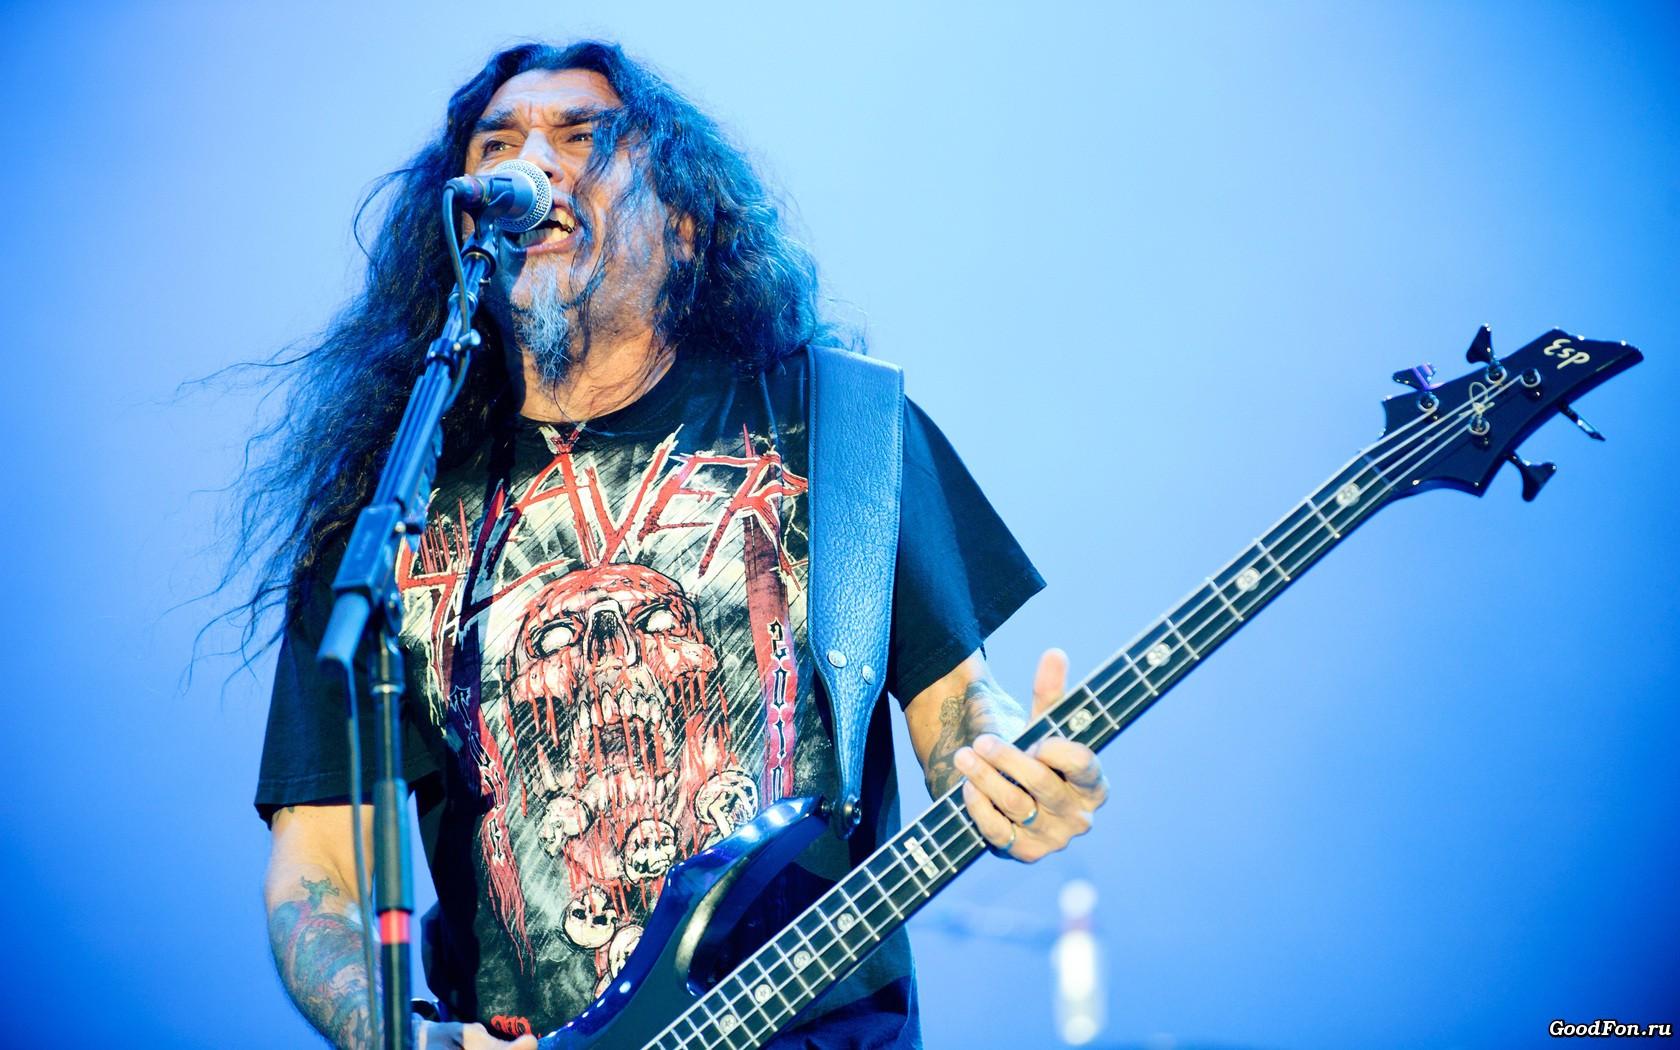 Slayer en concierto - 1680x1050